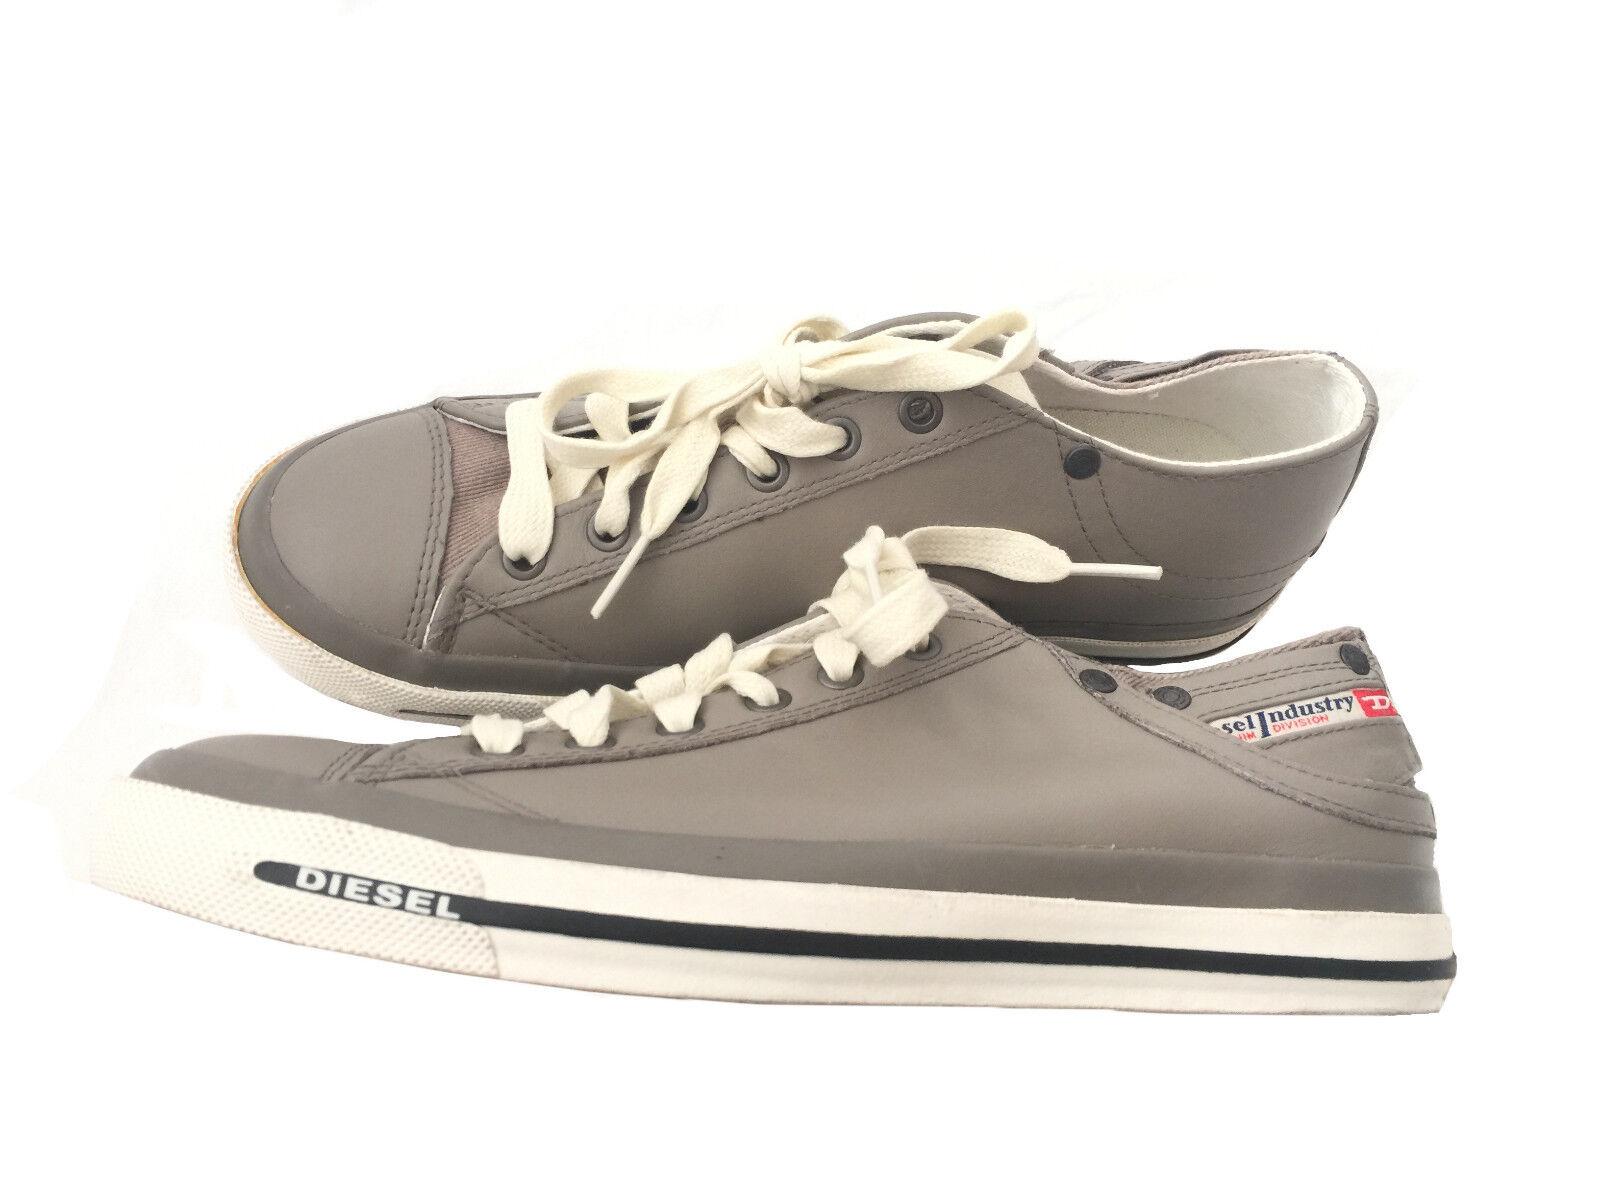 NEU: DIESEL Damen Leder Schuhe Sneaker Freizeitschuh Gr.40  olive  olive  braun c0bc9c